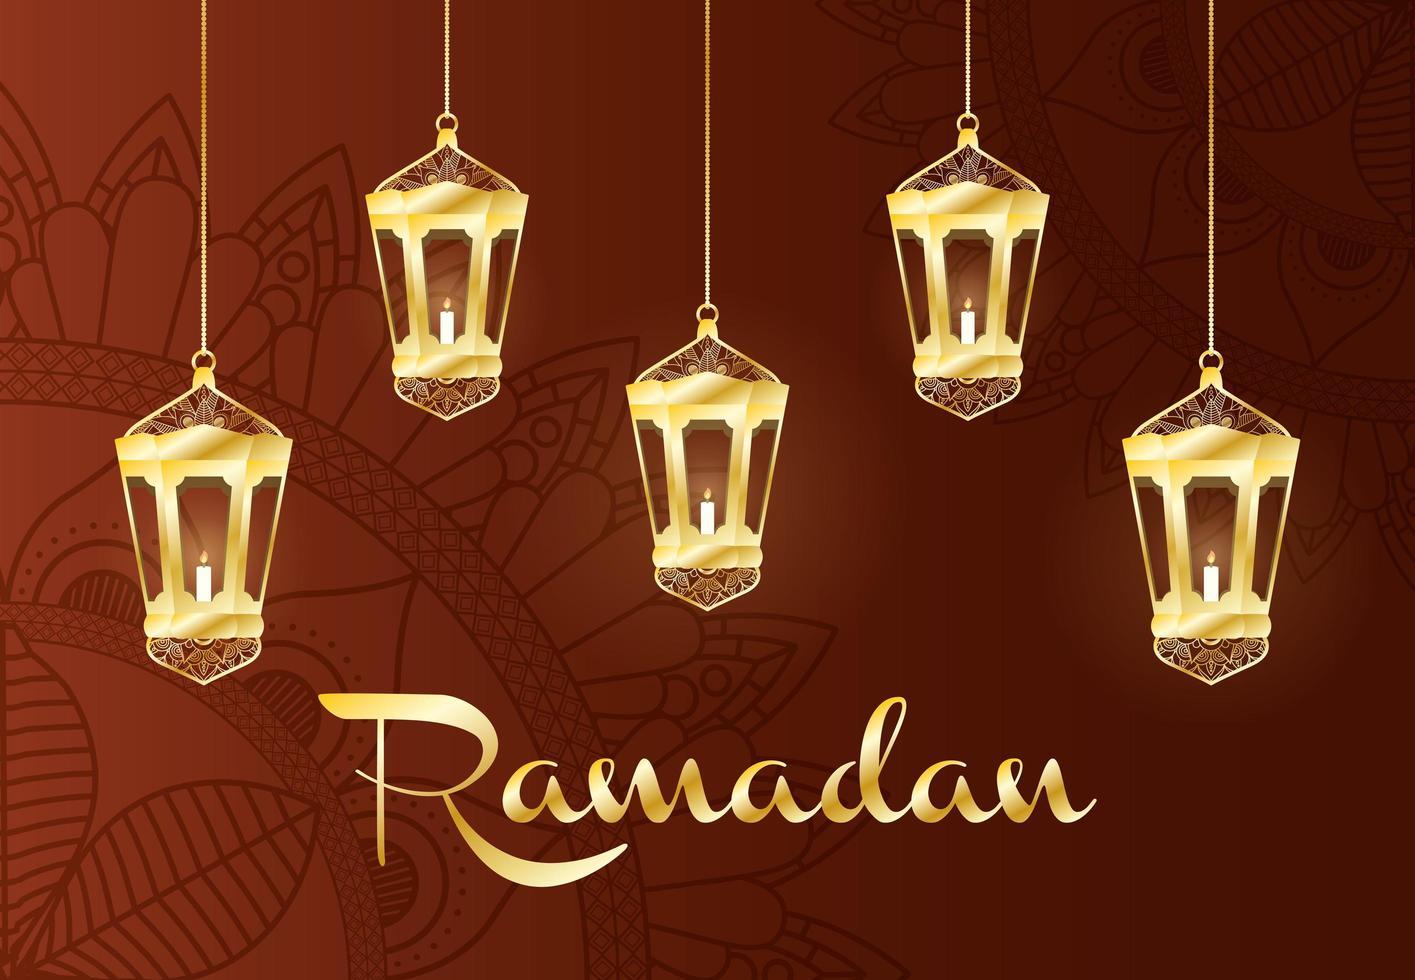 ramadan viering banner met gouden lampen vector